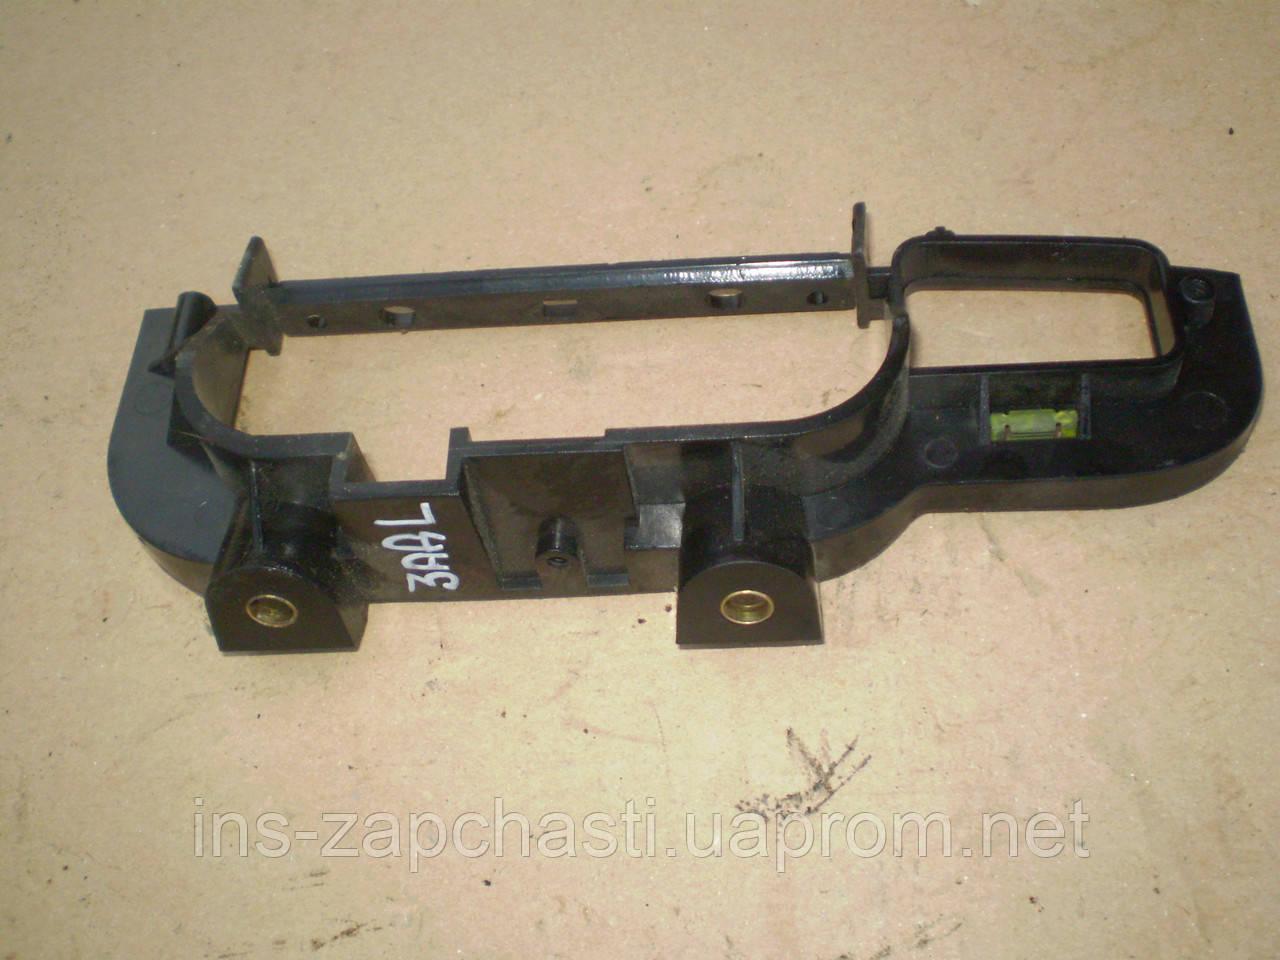 Кронштейн кріплення ручки VAG 7M3 867 179 A Ручка SEAT VOLKSWAGEN FORD